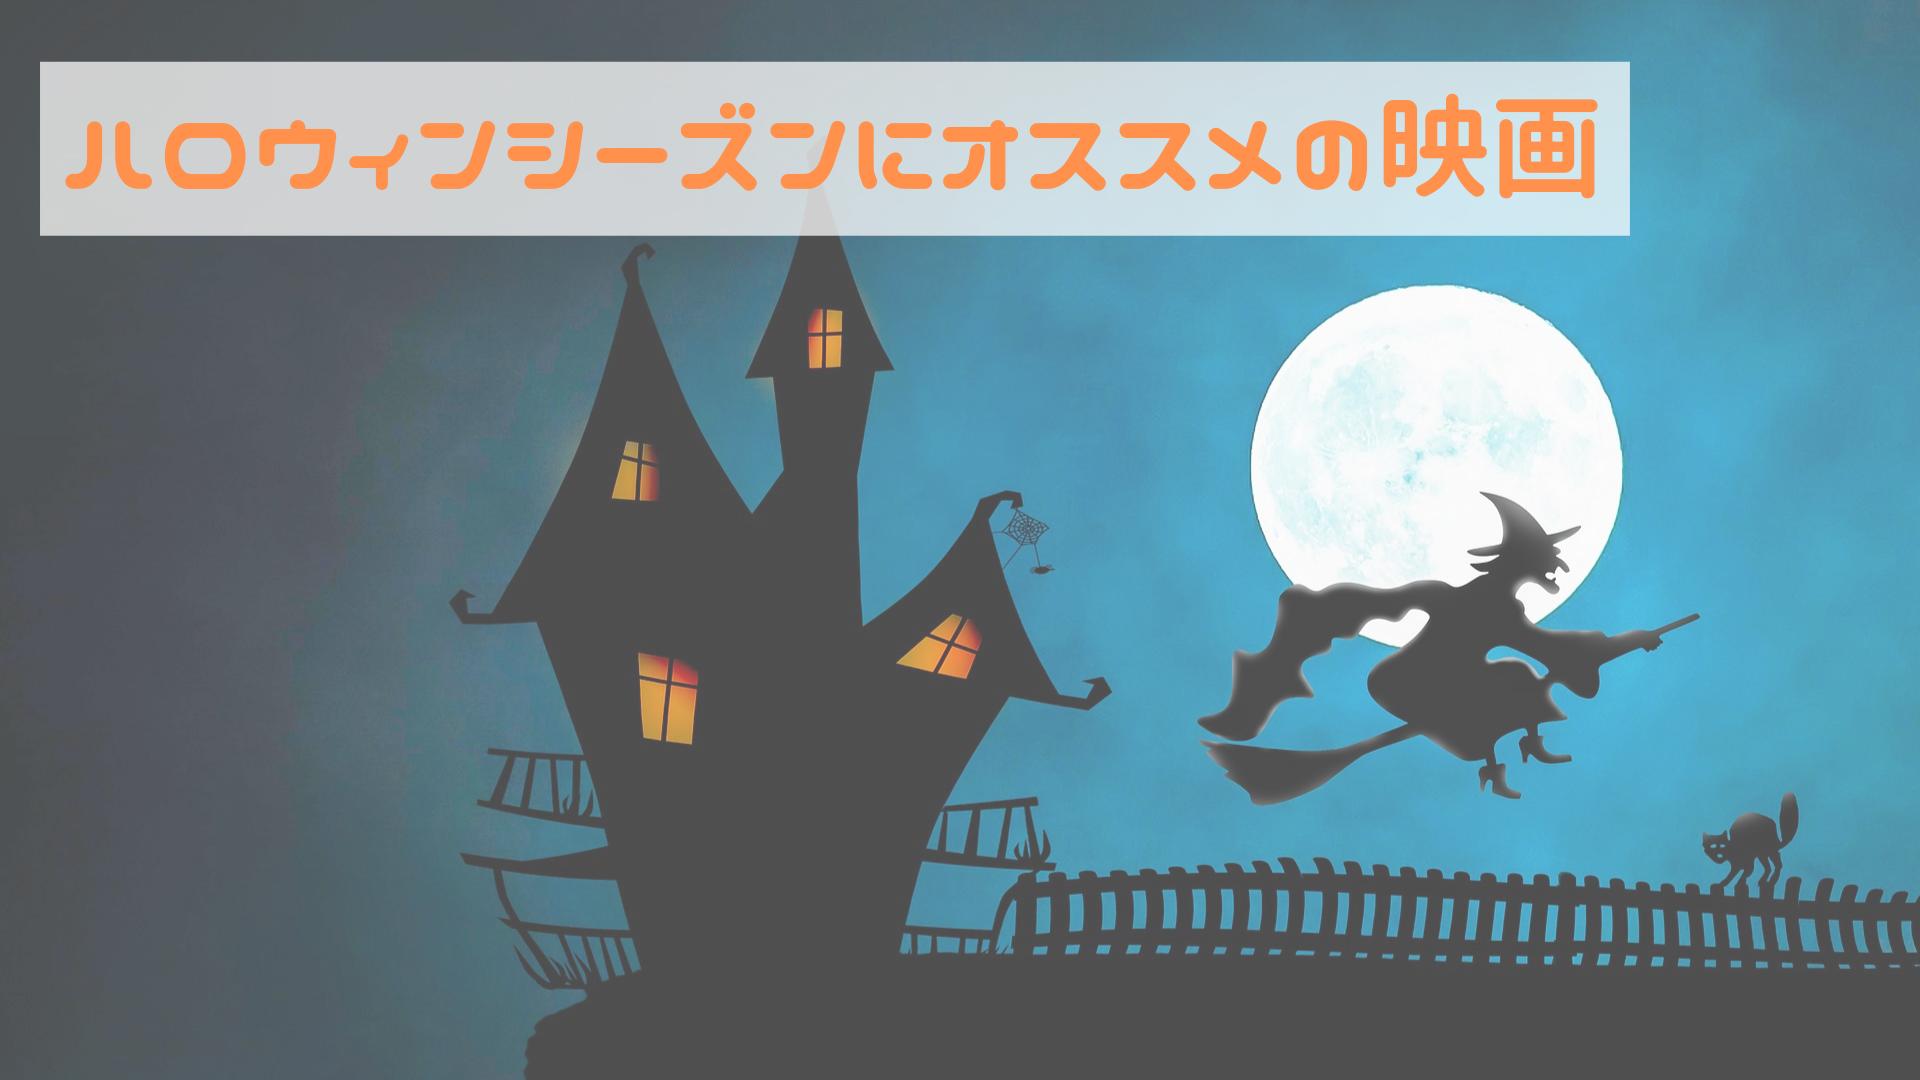 ハロウィンシーズンにオススメの映画